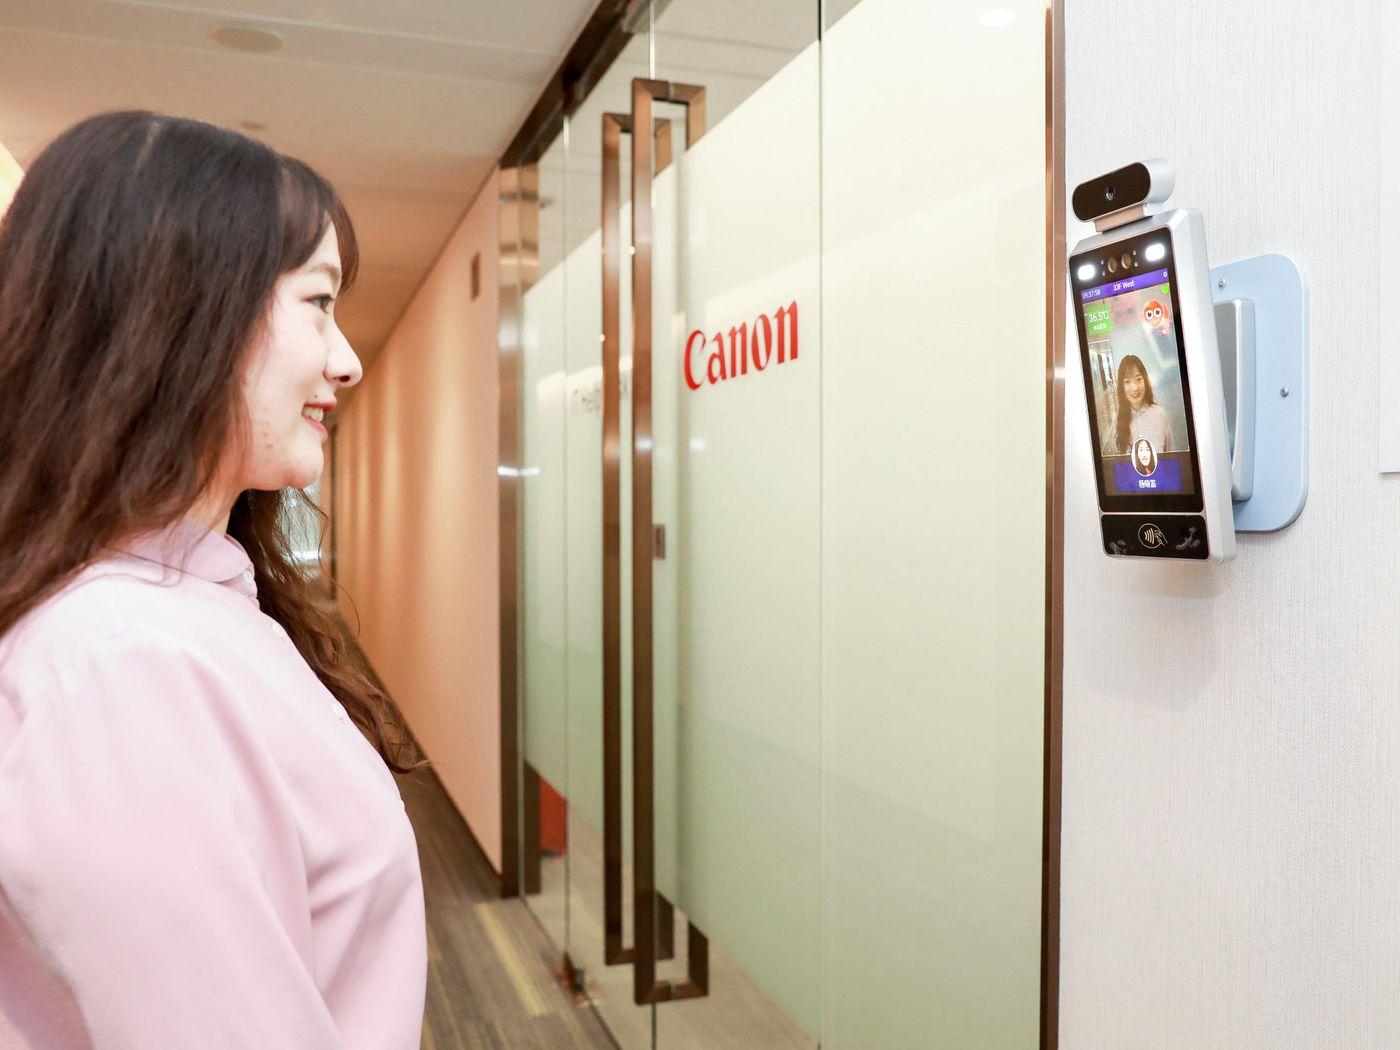 کانن با دوربینهای هوش مصنوعی فقط افراد خندان را به شرکت راه میدهد